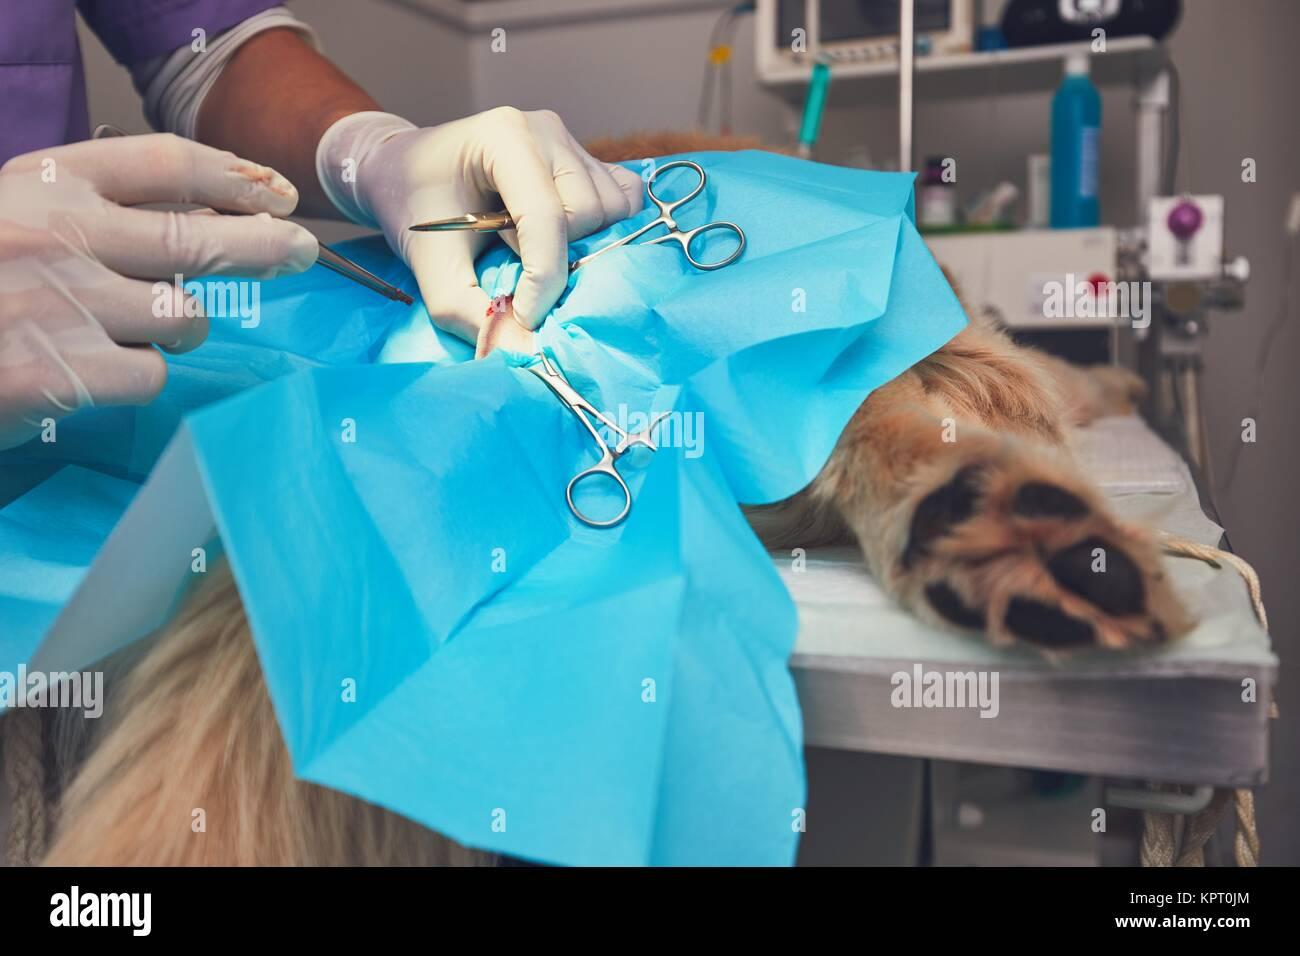 Un cane in ospedale per animali. Veterinario durante la chirurgia del golden retriever. Immagini Stock